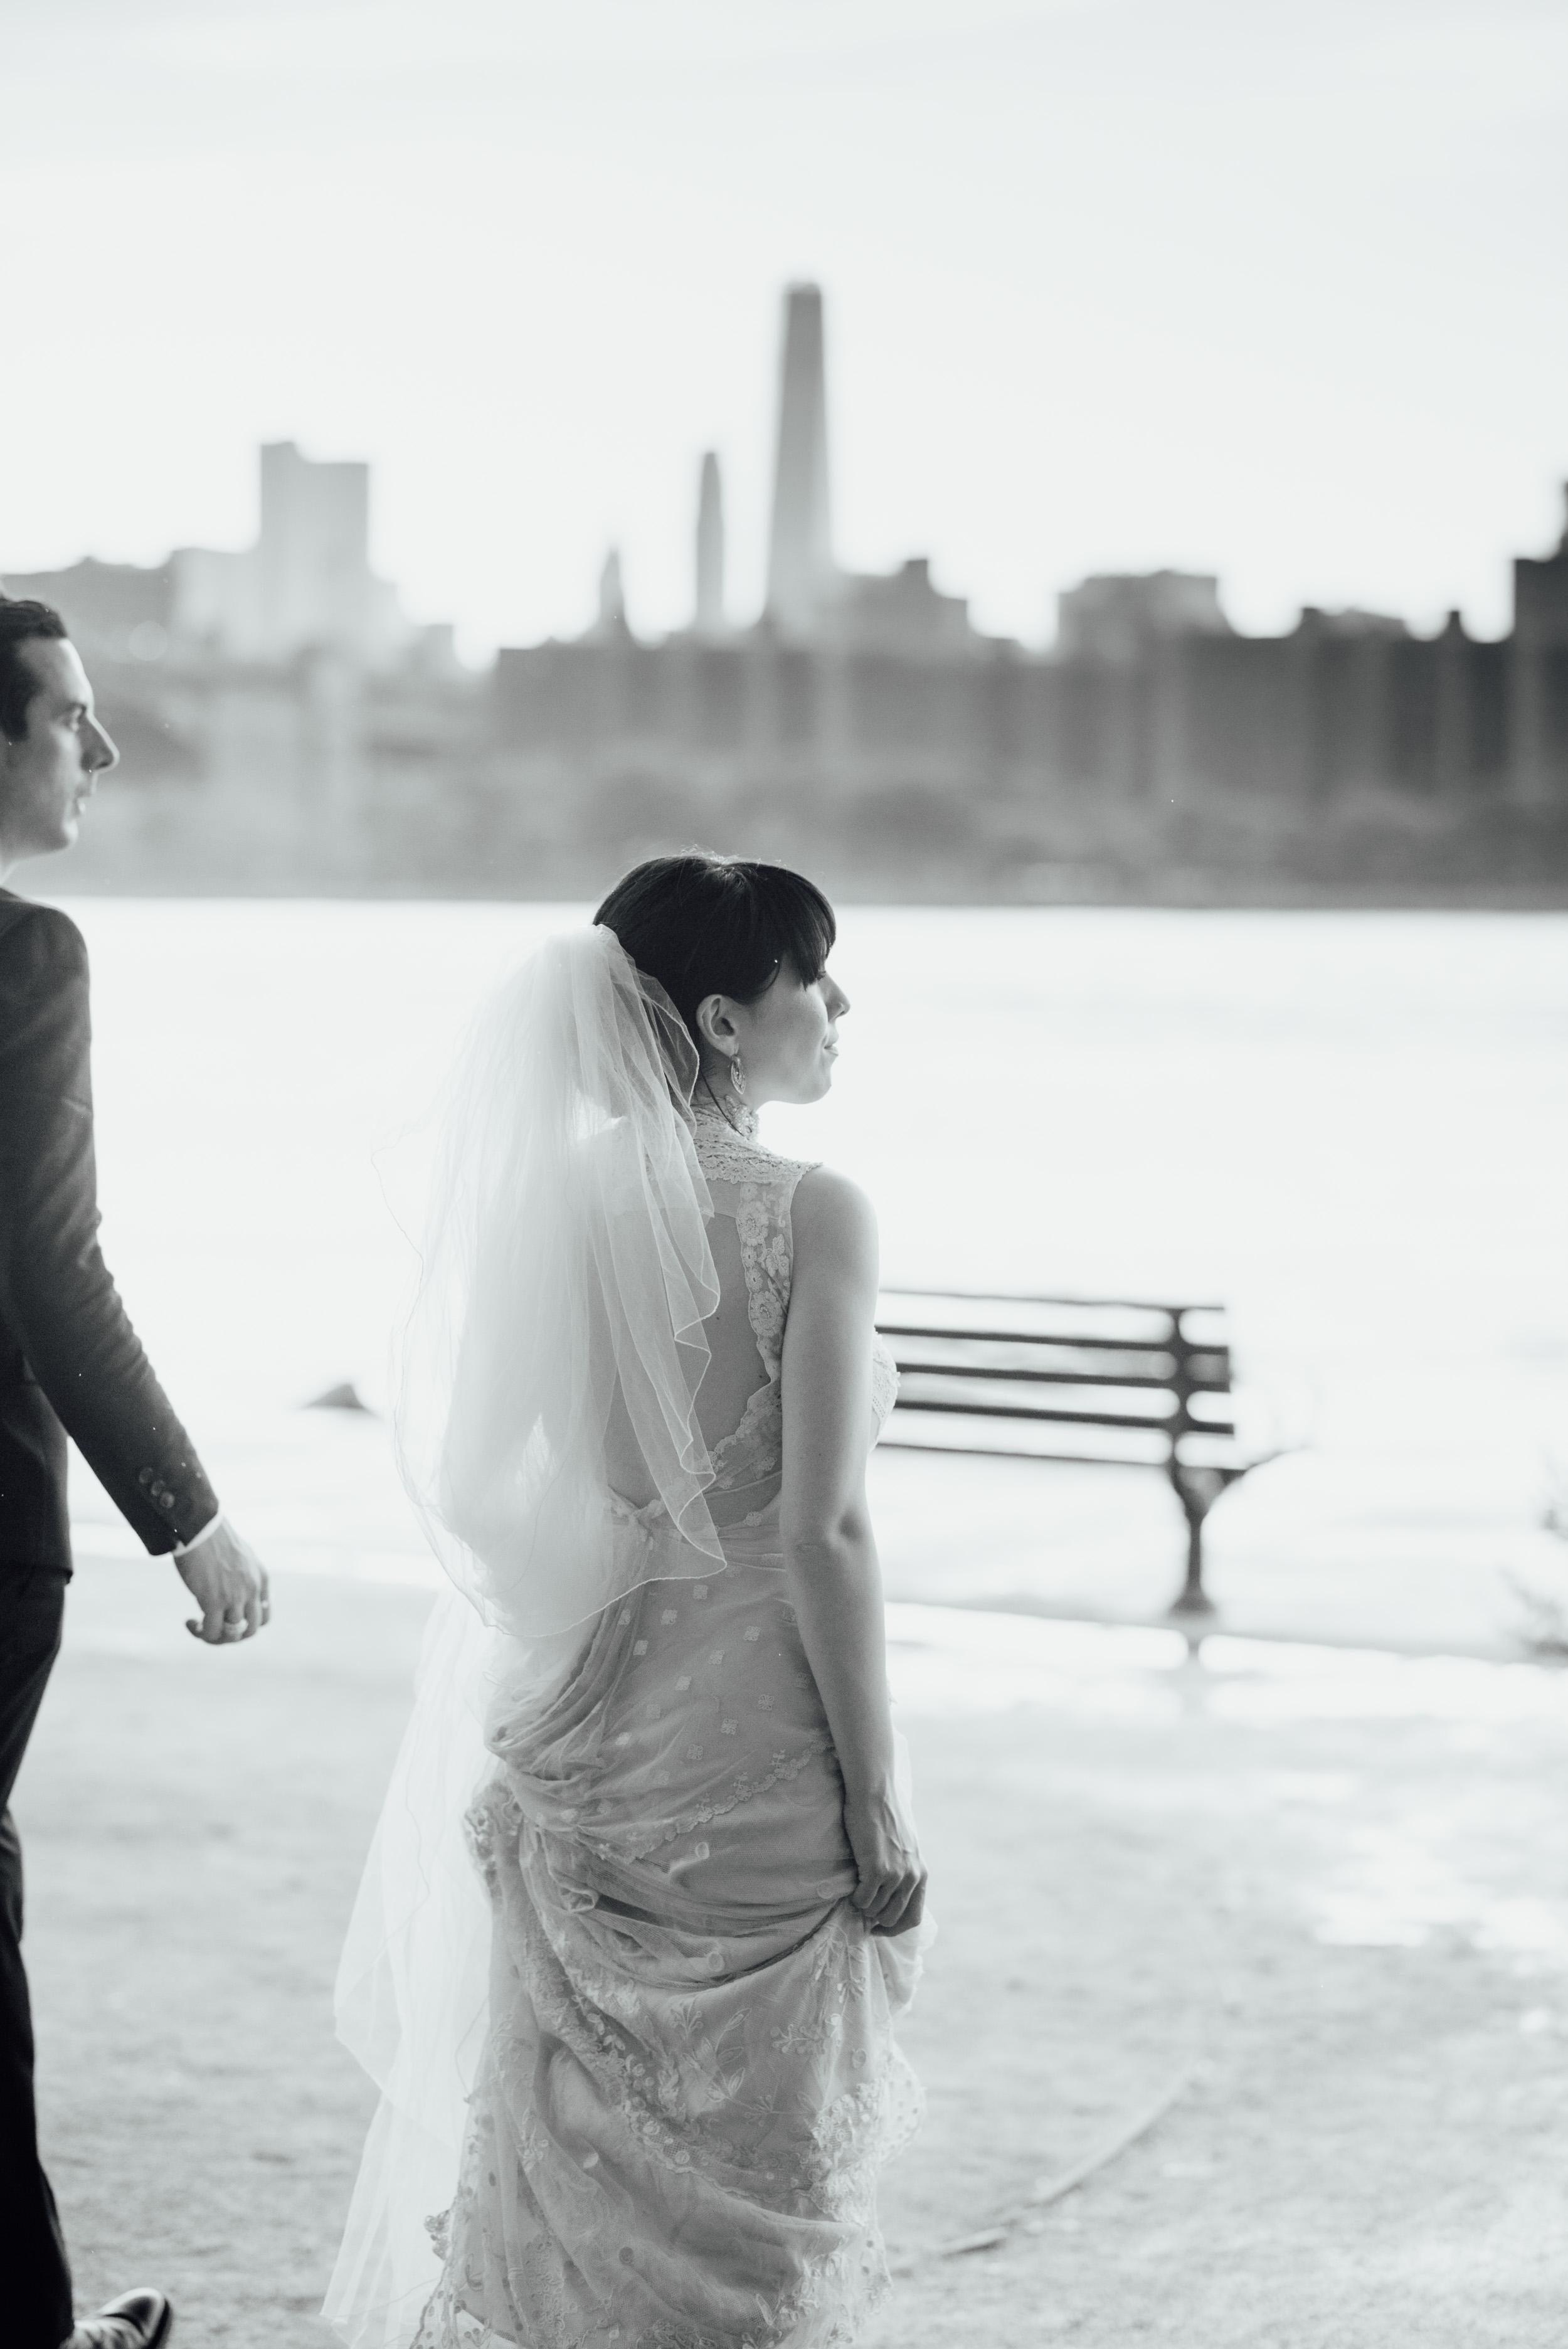 cleland-studios-weddings-35.jpg